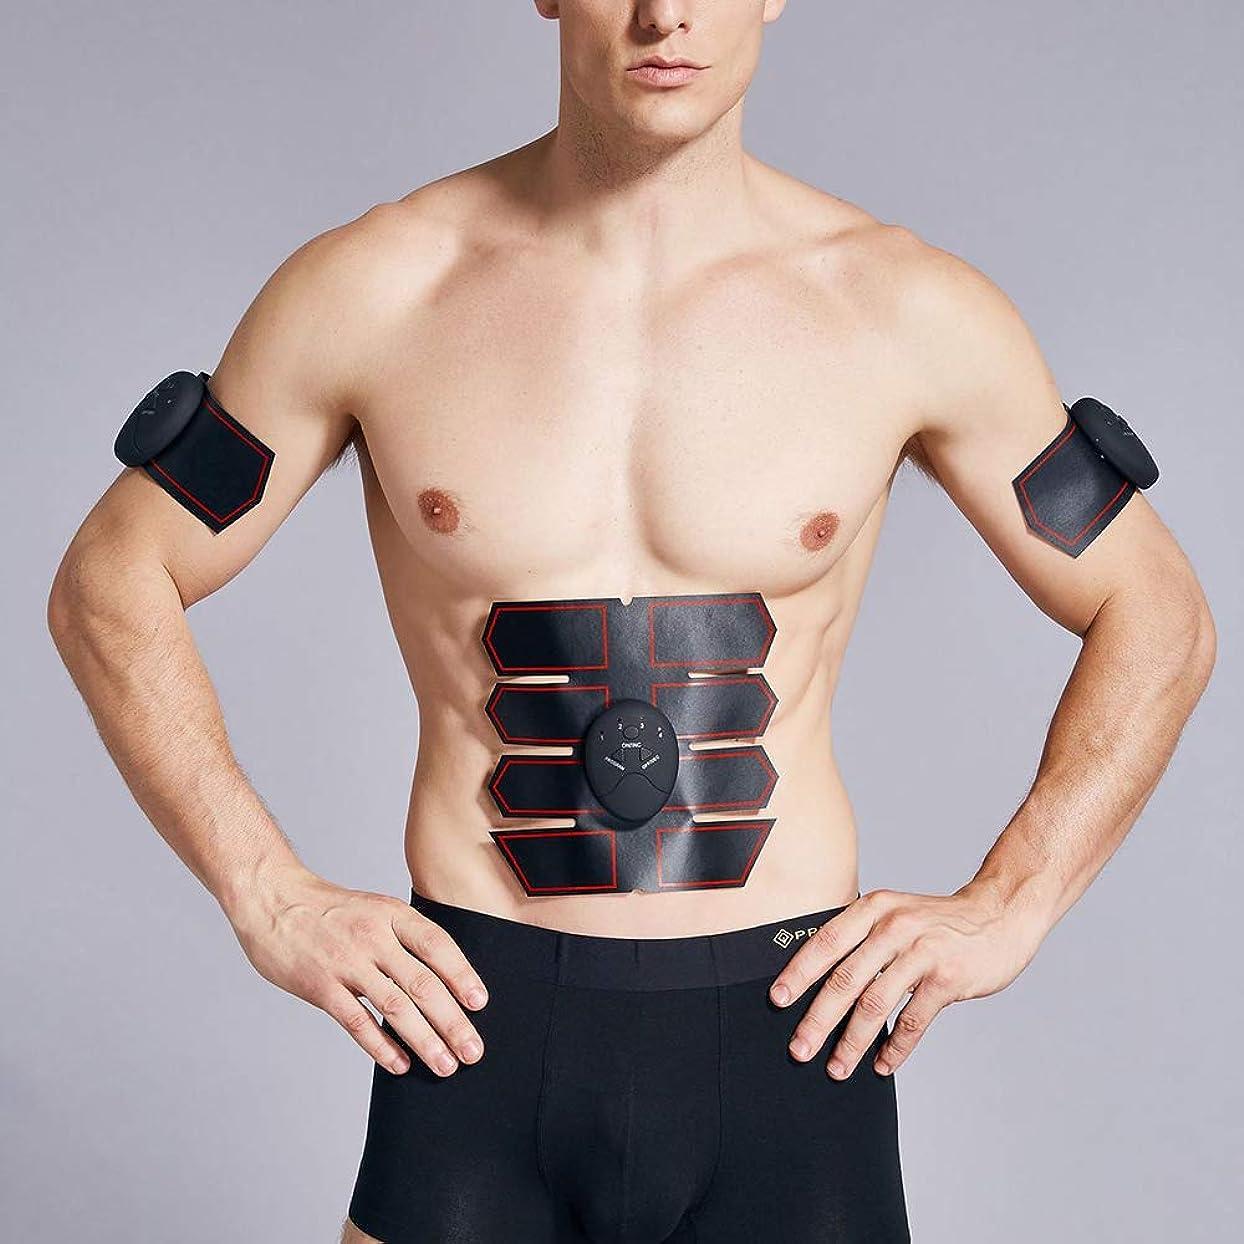 どんなときも各泣く新しい腹筋トレーナーEMSワイヤレス筋肉刺激装置体重減少腹部トレーナー美容機全身マッサージエクササイズフィットネス機器ユニセックス,Black